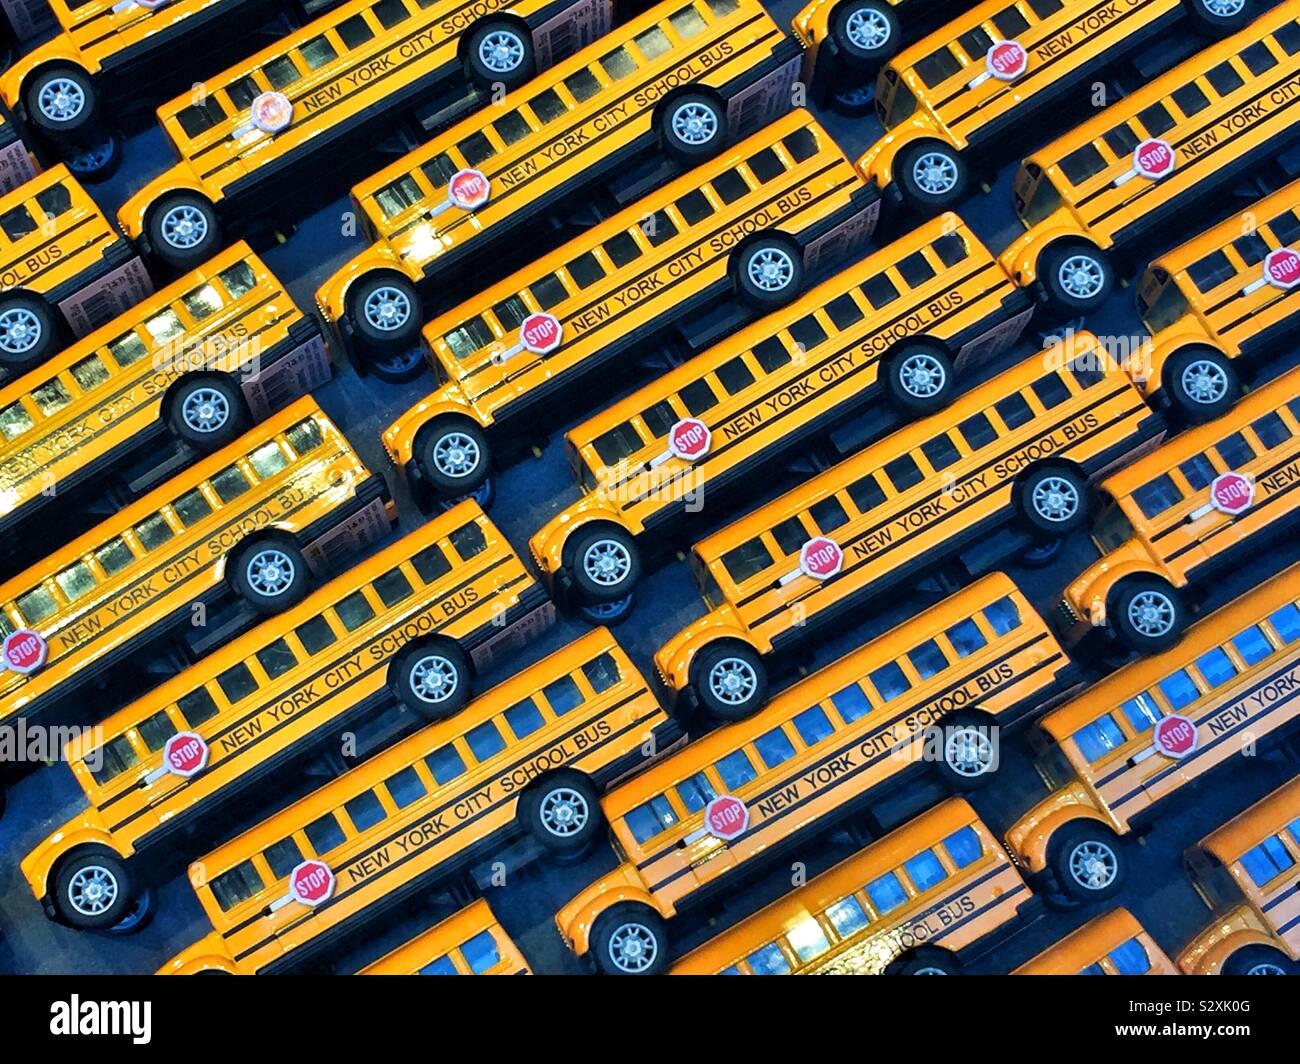 Toy New York City bus scolaires dans une vitrine de magasin. Banque D'Images